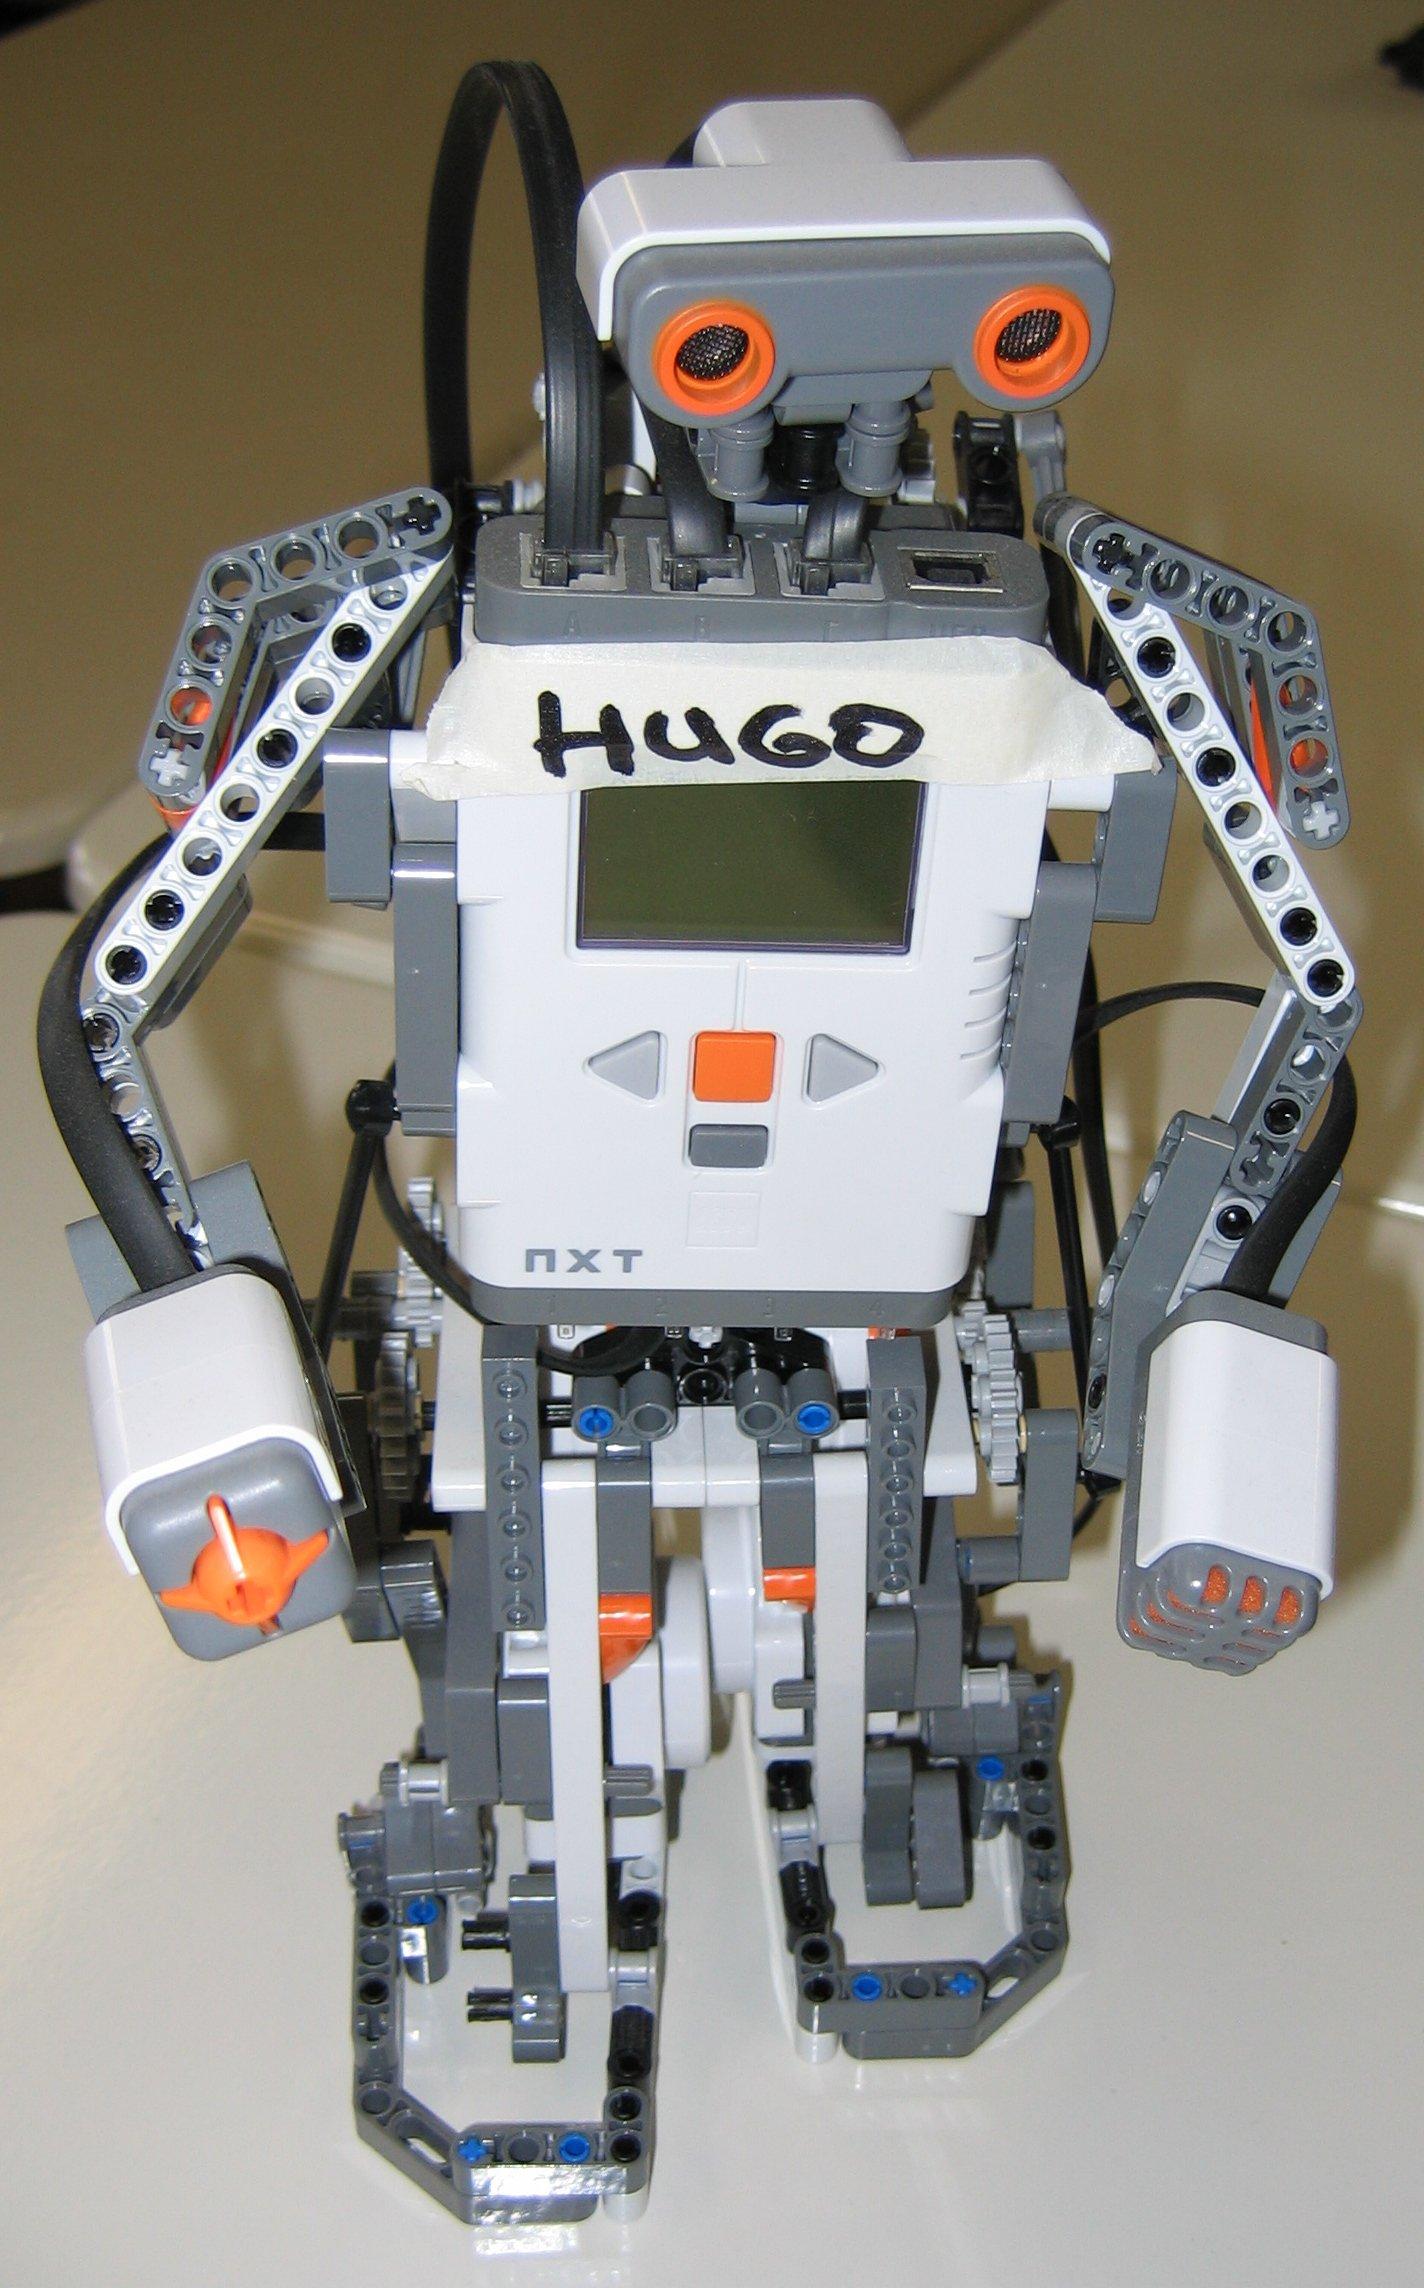 Hugo.jpg?auto=compress,format&colorquant=1600